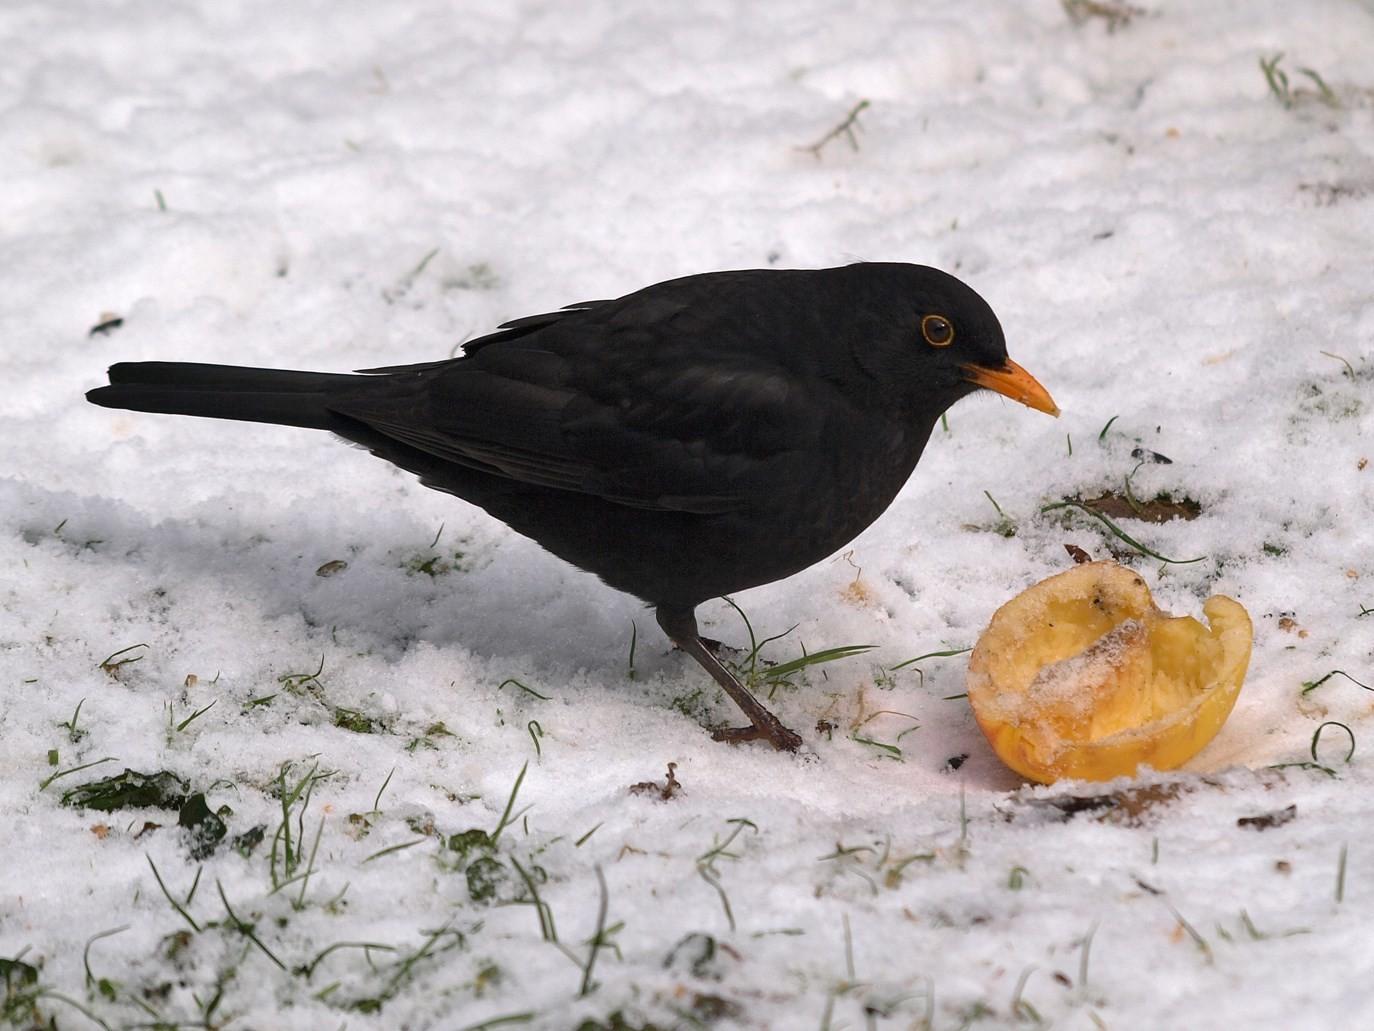 Amsel-Männchen im Winter an einem Apfel. - Foto: Kathy Büscher